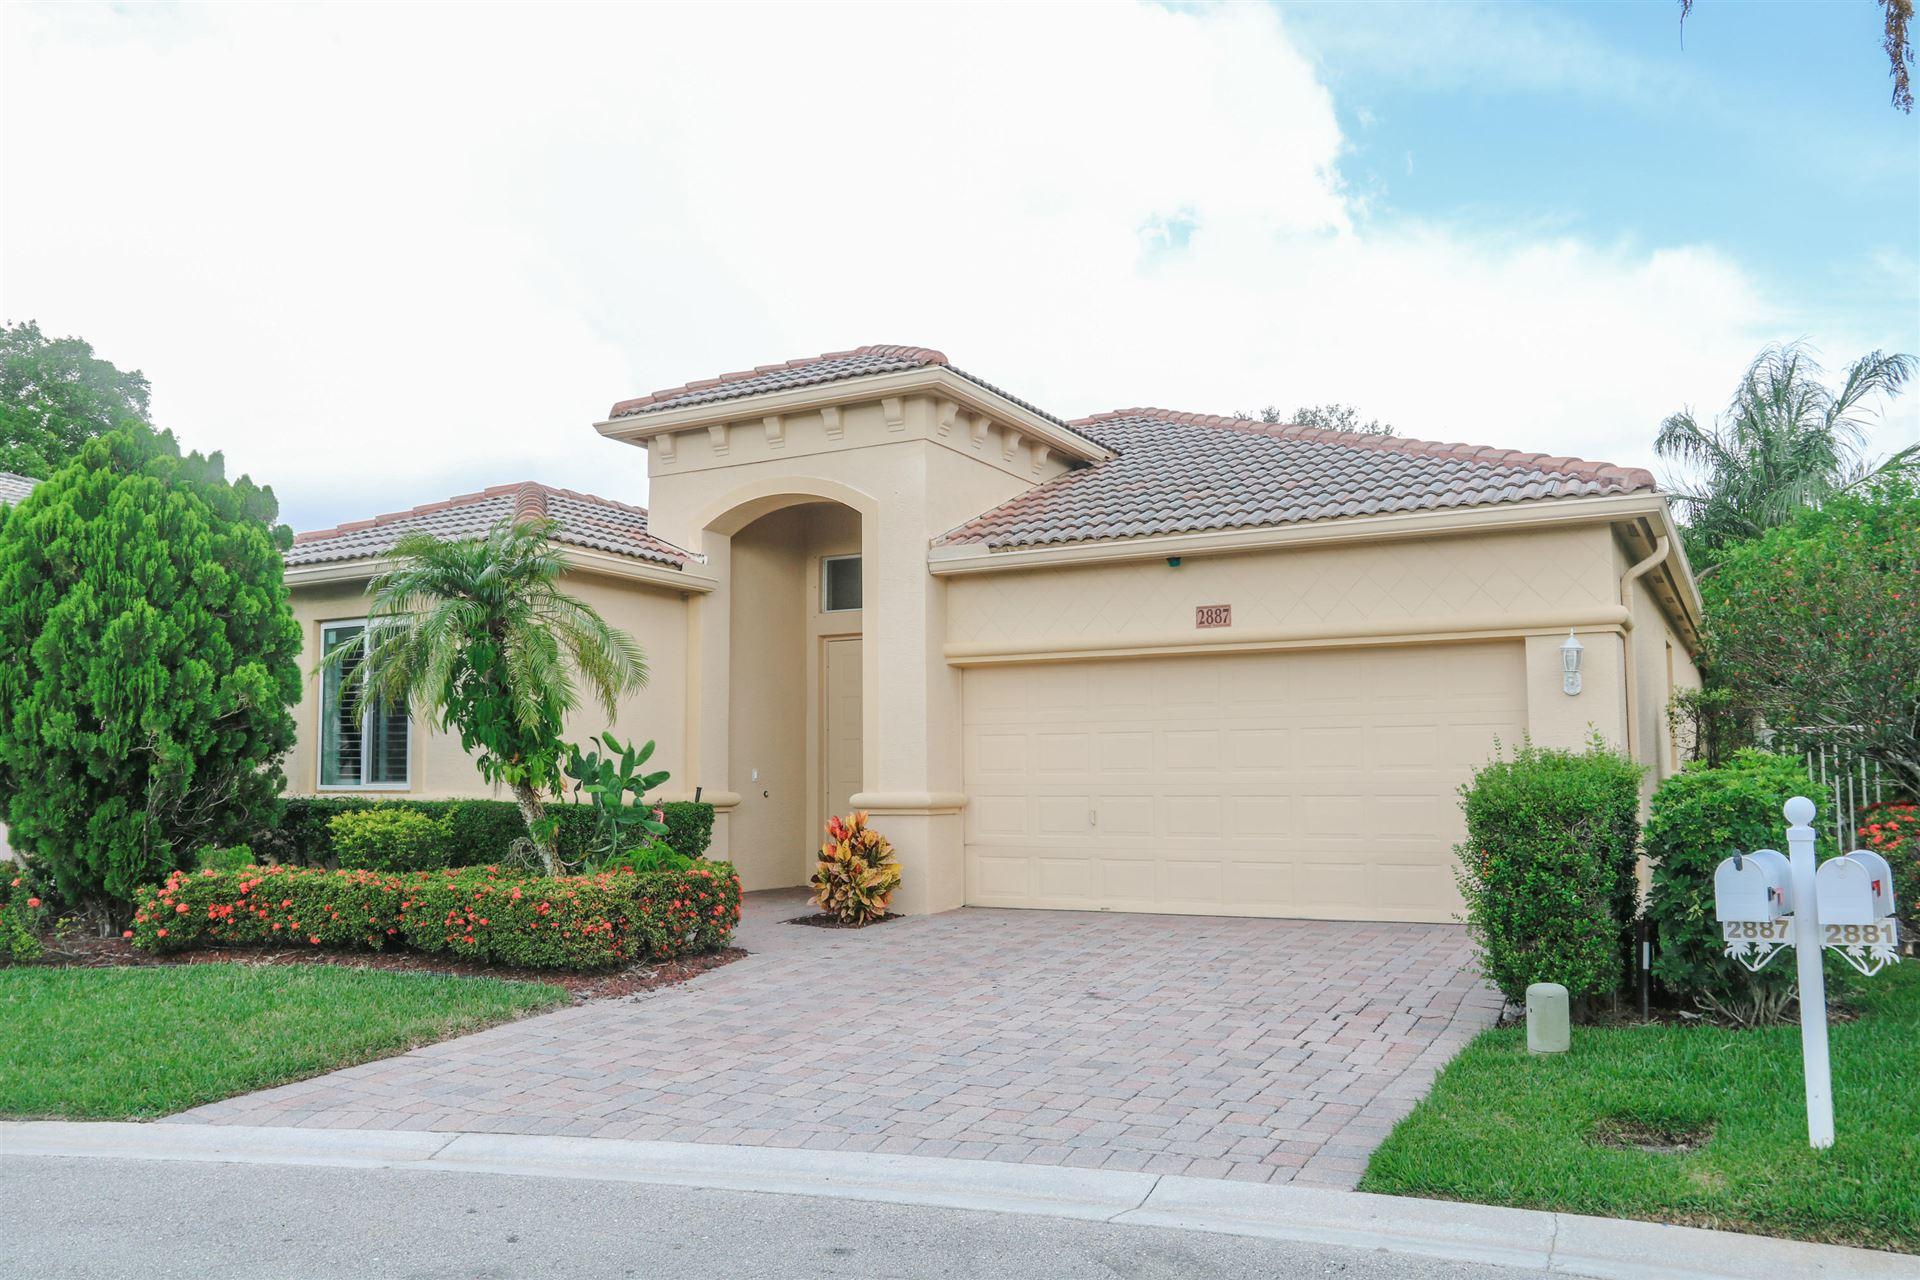 2887 N Bight, West Palm Beach, FL 33411 - #: RX-10722969